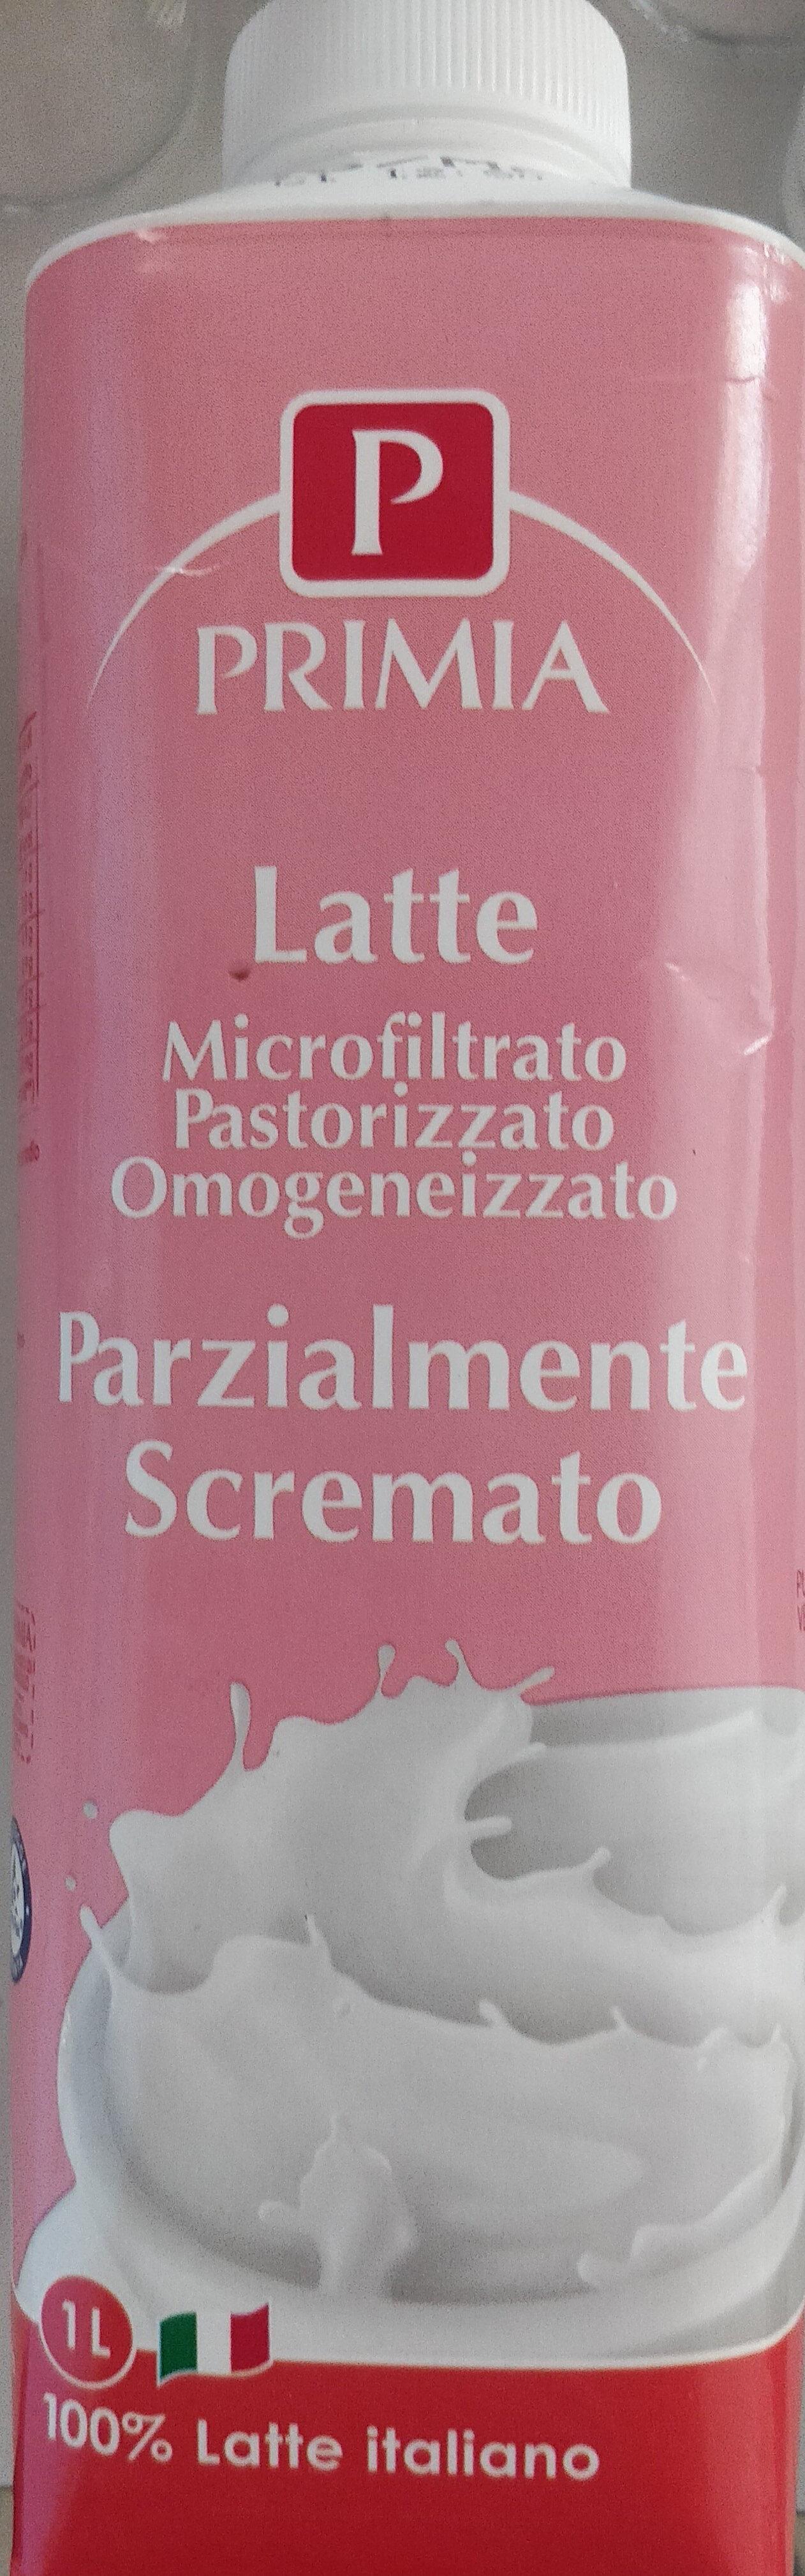 Latte parzialmente scremato - Prodotto - it